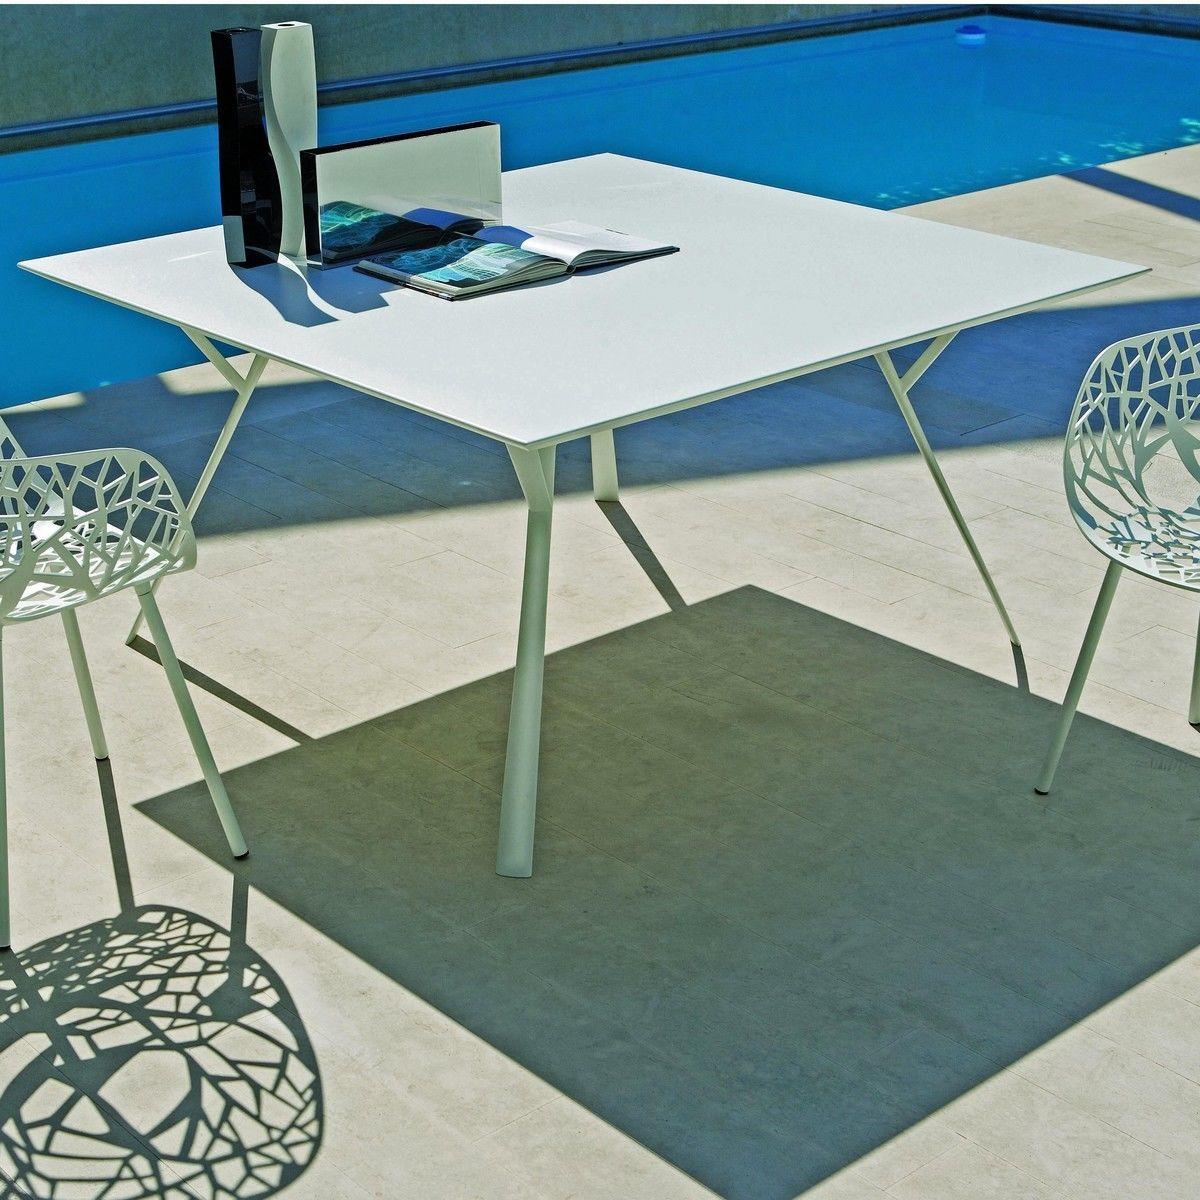 Radice quadra outdoor table weish upl for Table titanium quadra 6